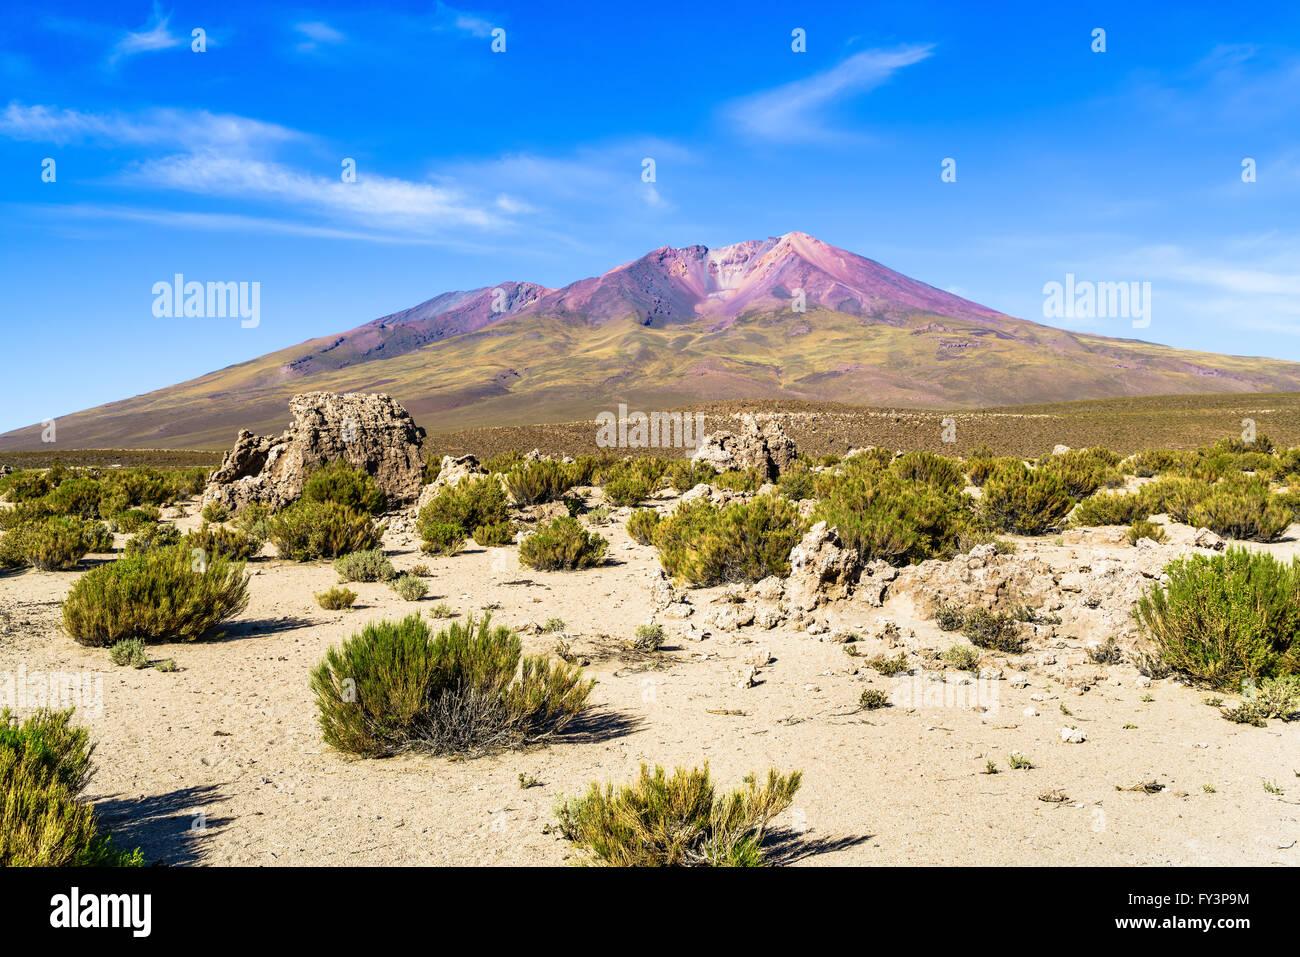 Desierto y montaña en el Parque Nacional, Uyuni, Bolivia Imagen De Stock